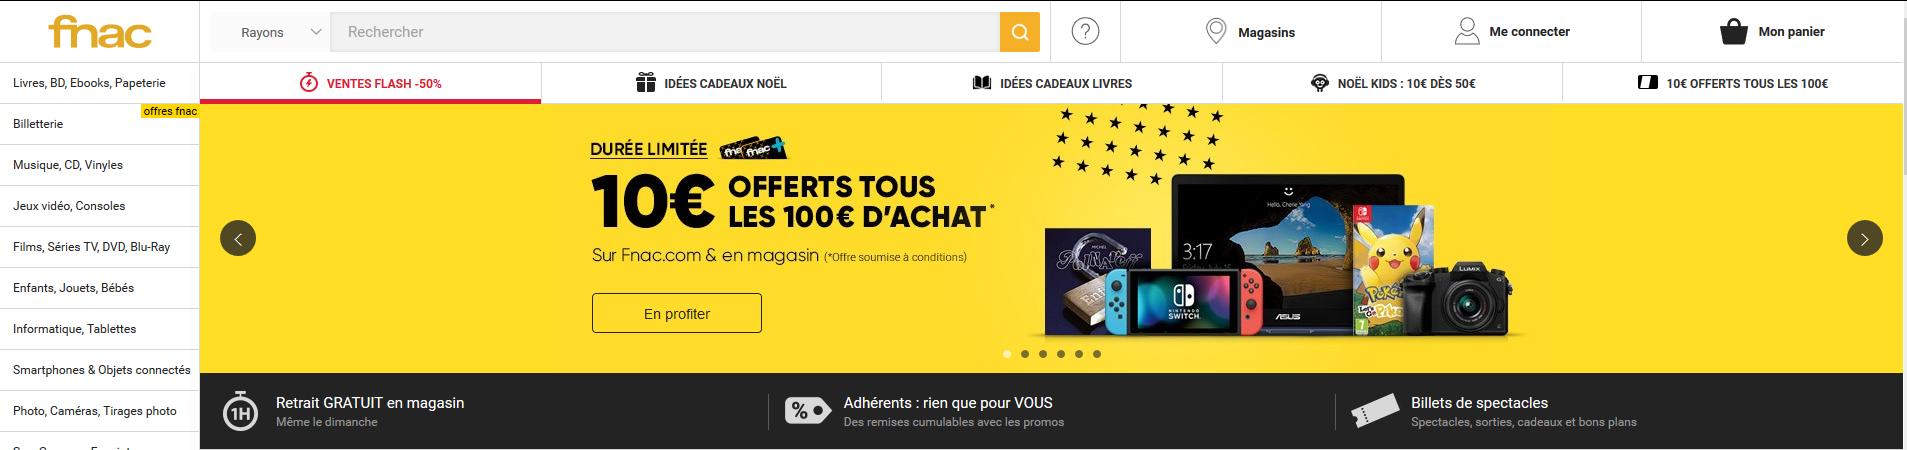 Bannière on-site Fnac, campagne web Black Friday - agence web k4tegori